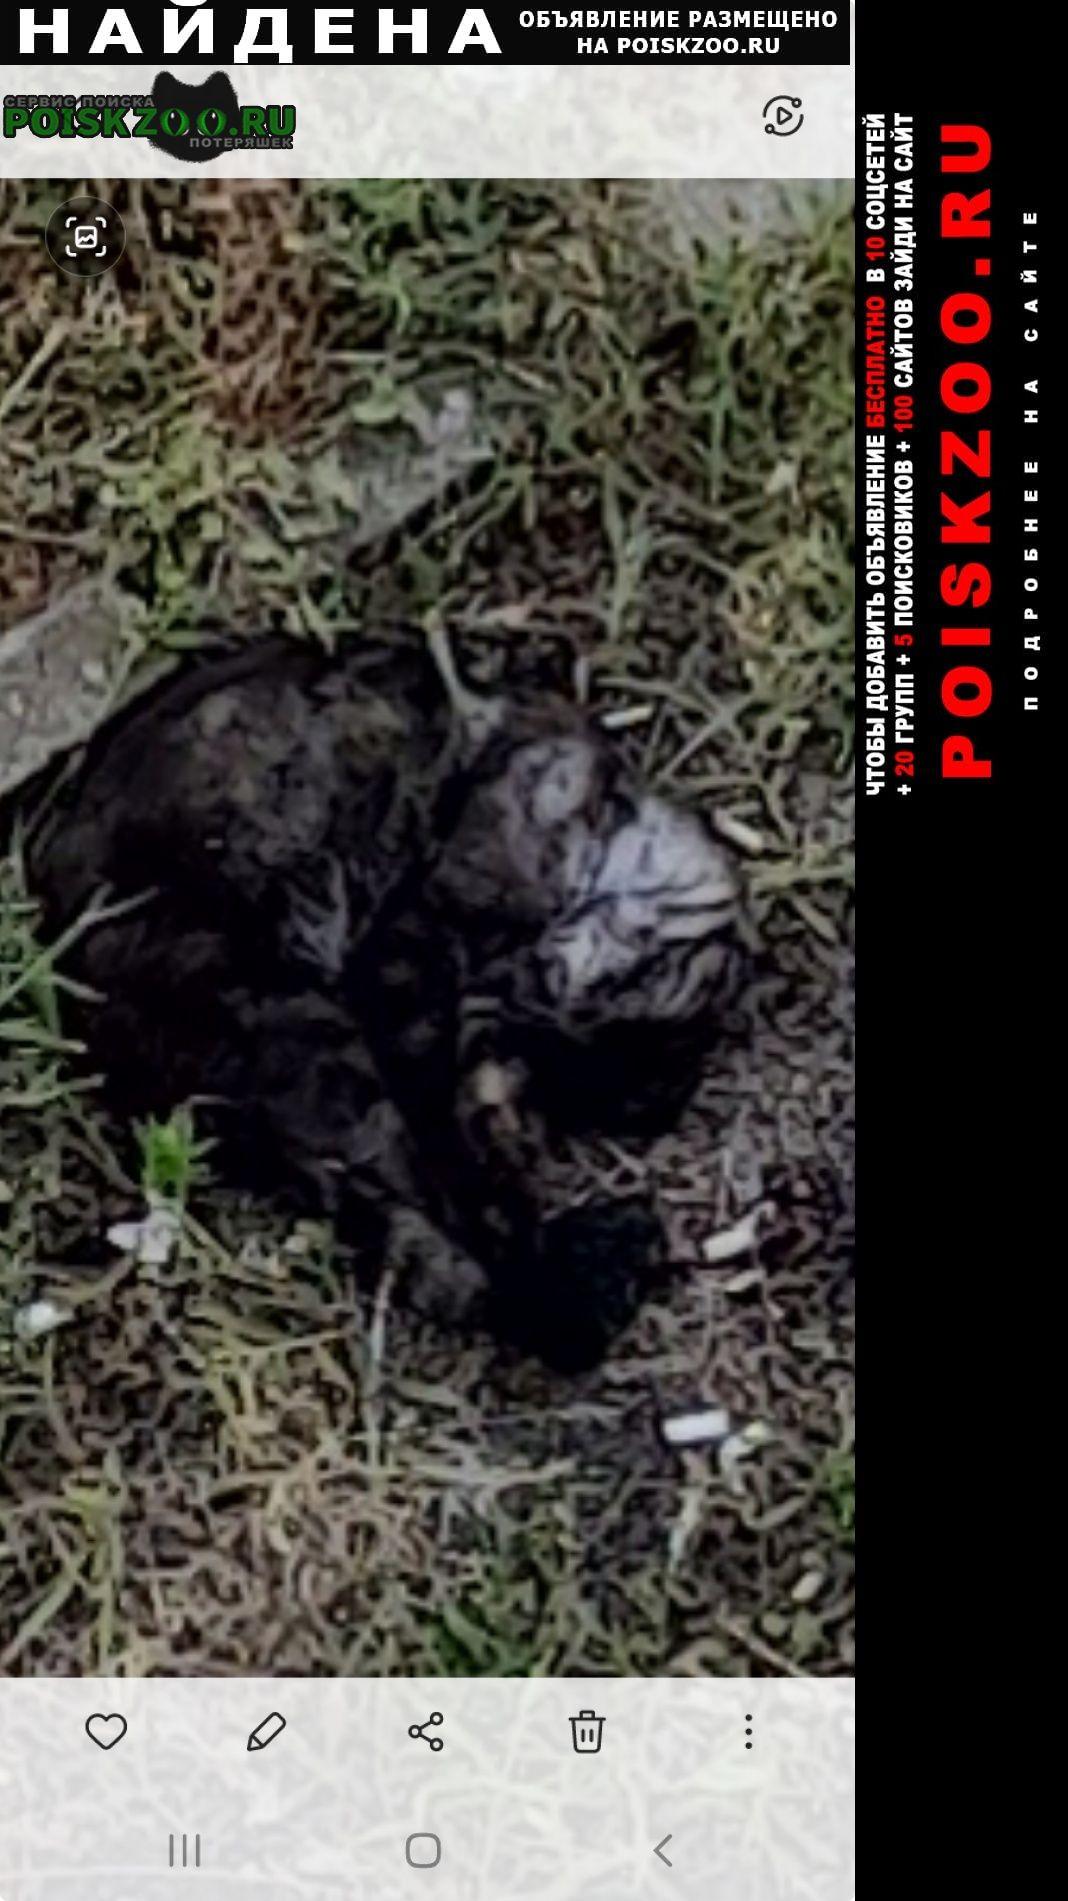 Найдена кошка замечен котик Гомель